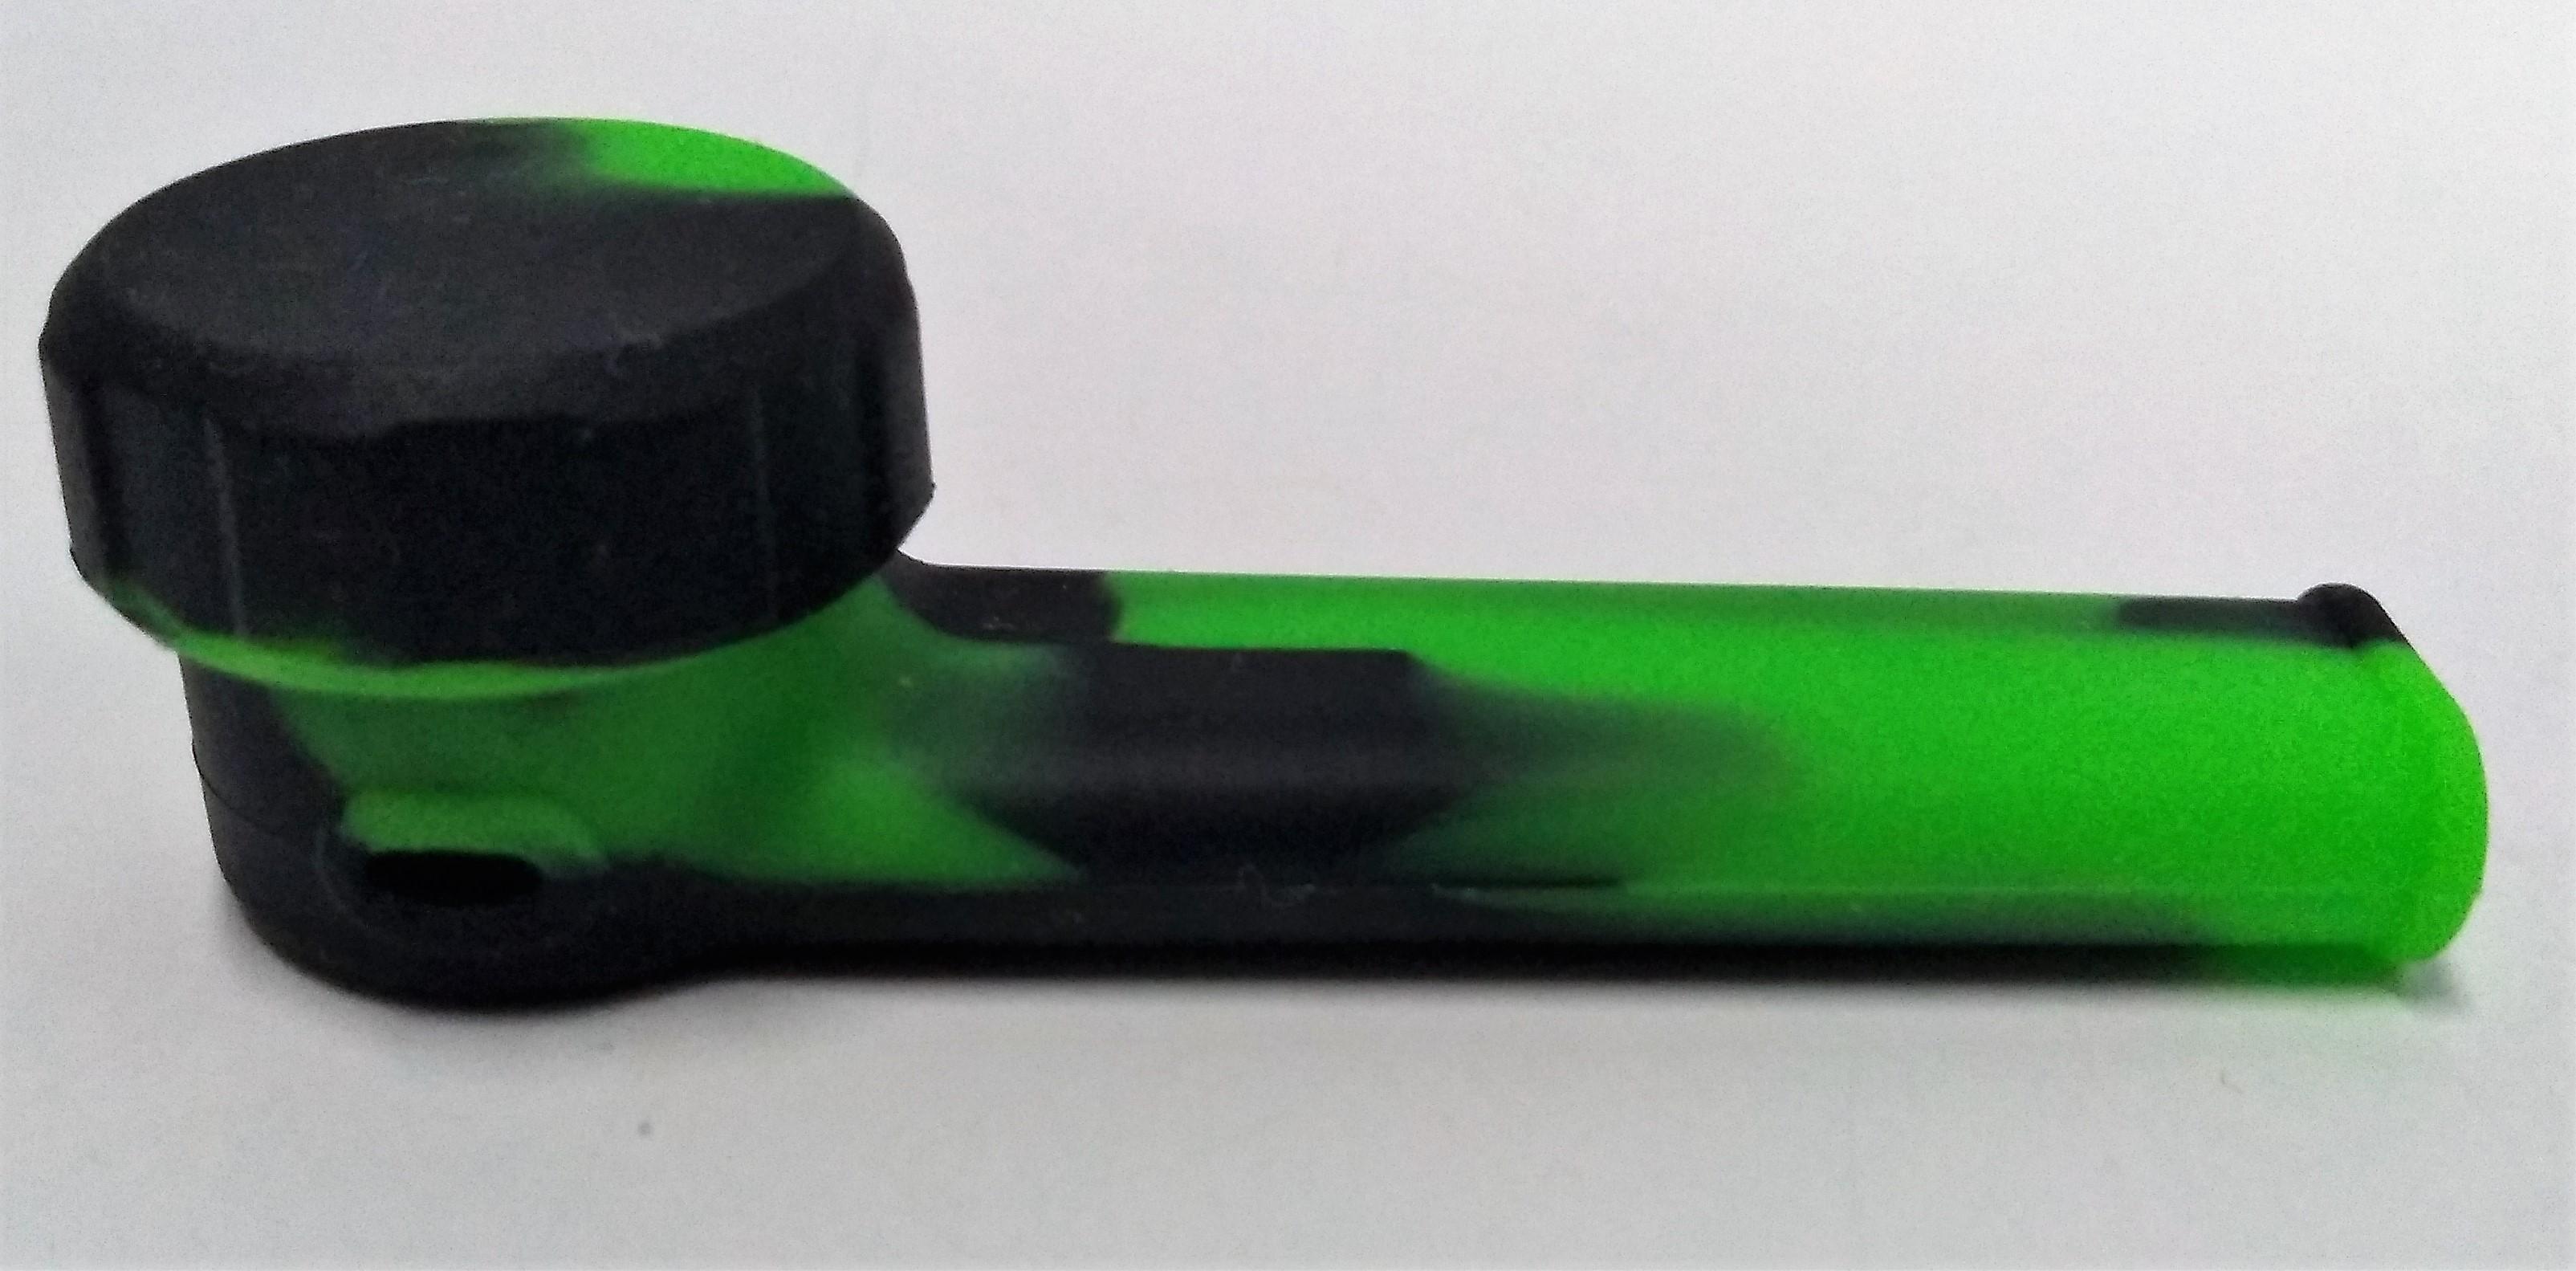 Pipe de Silicone com Tampa Verde com Preto